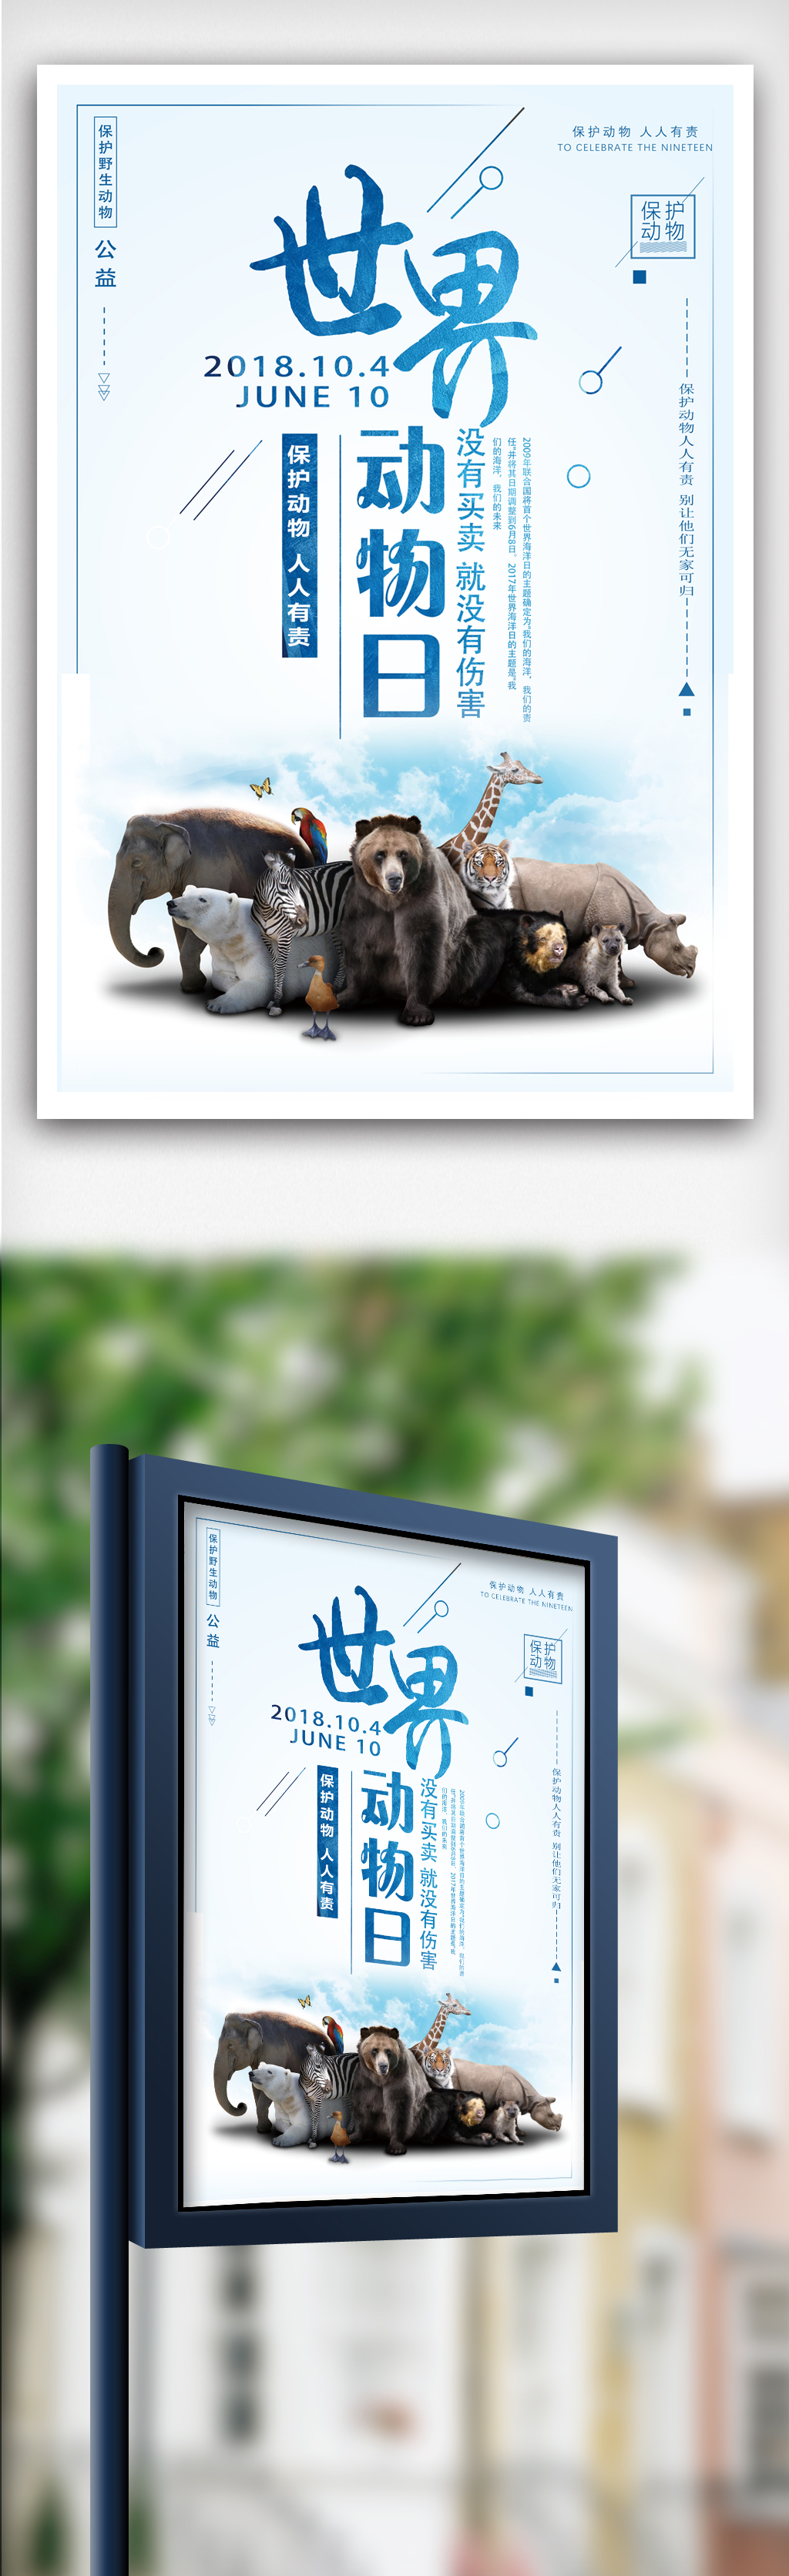 自然保护区                                    濒危动物